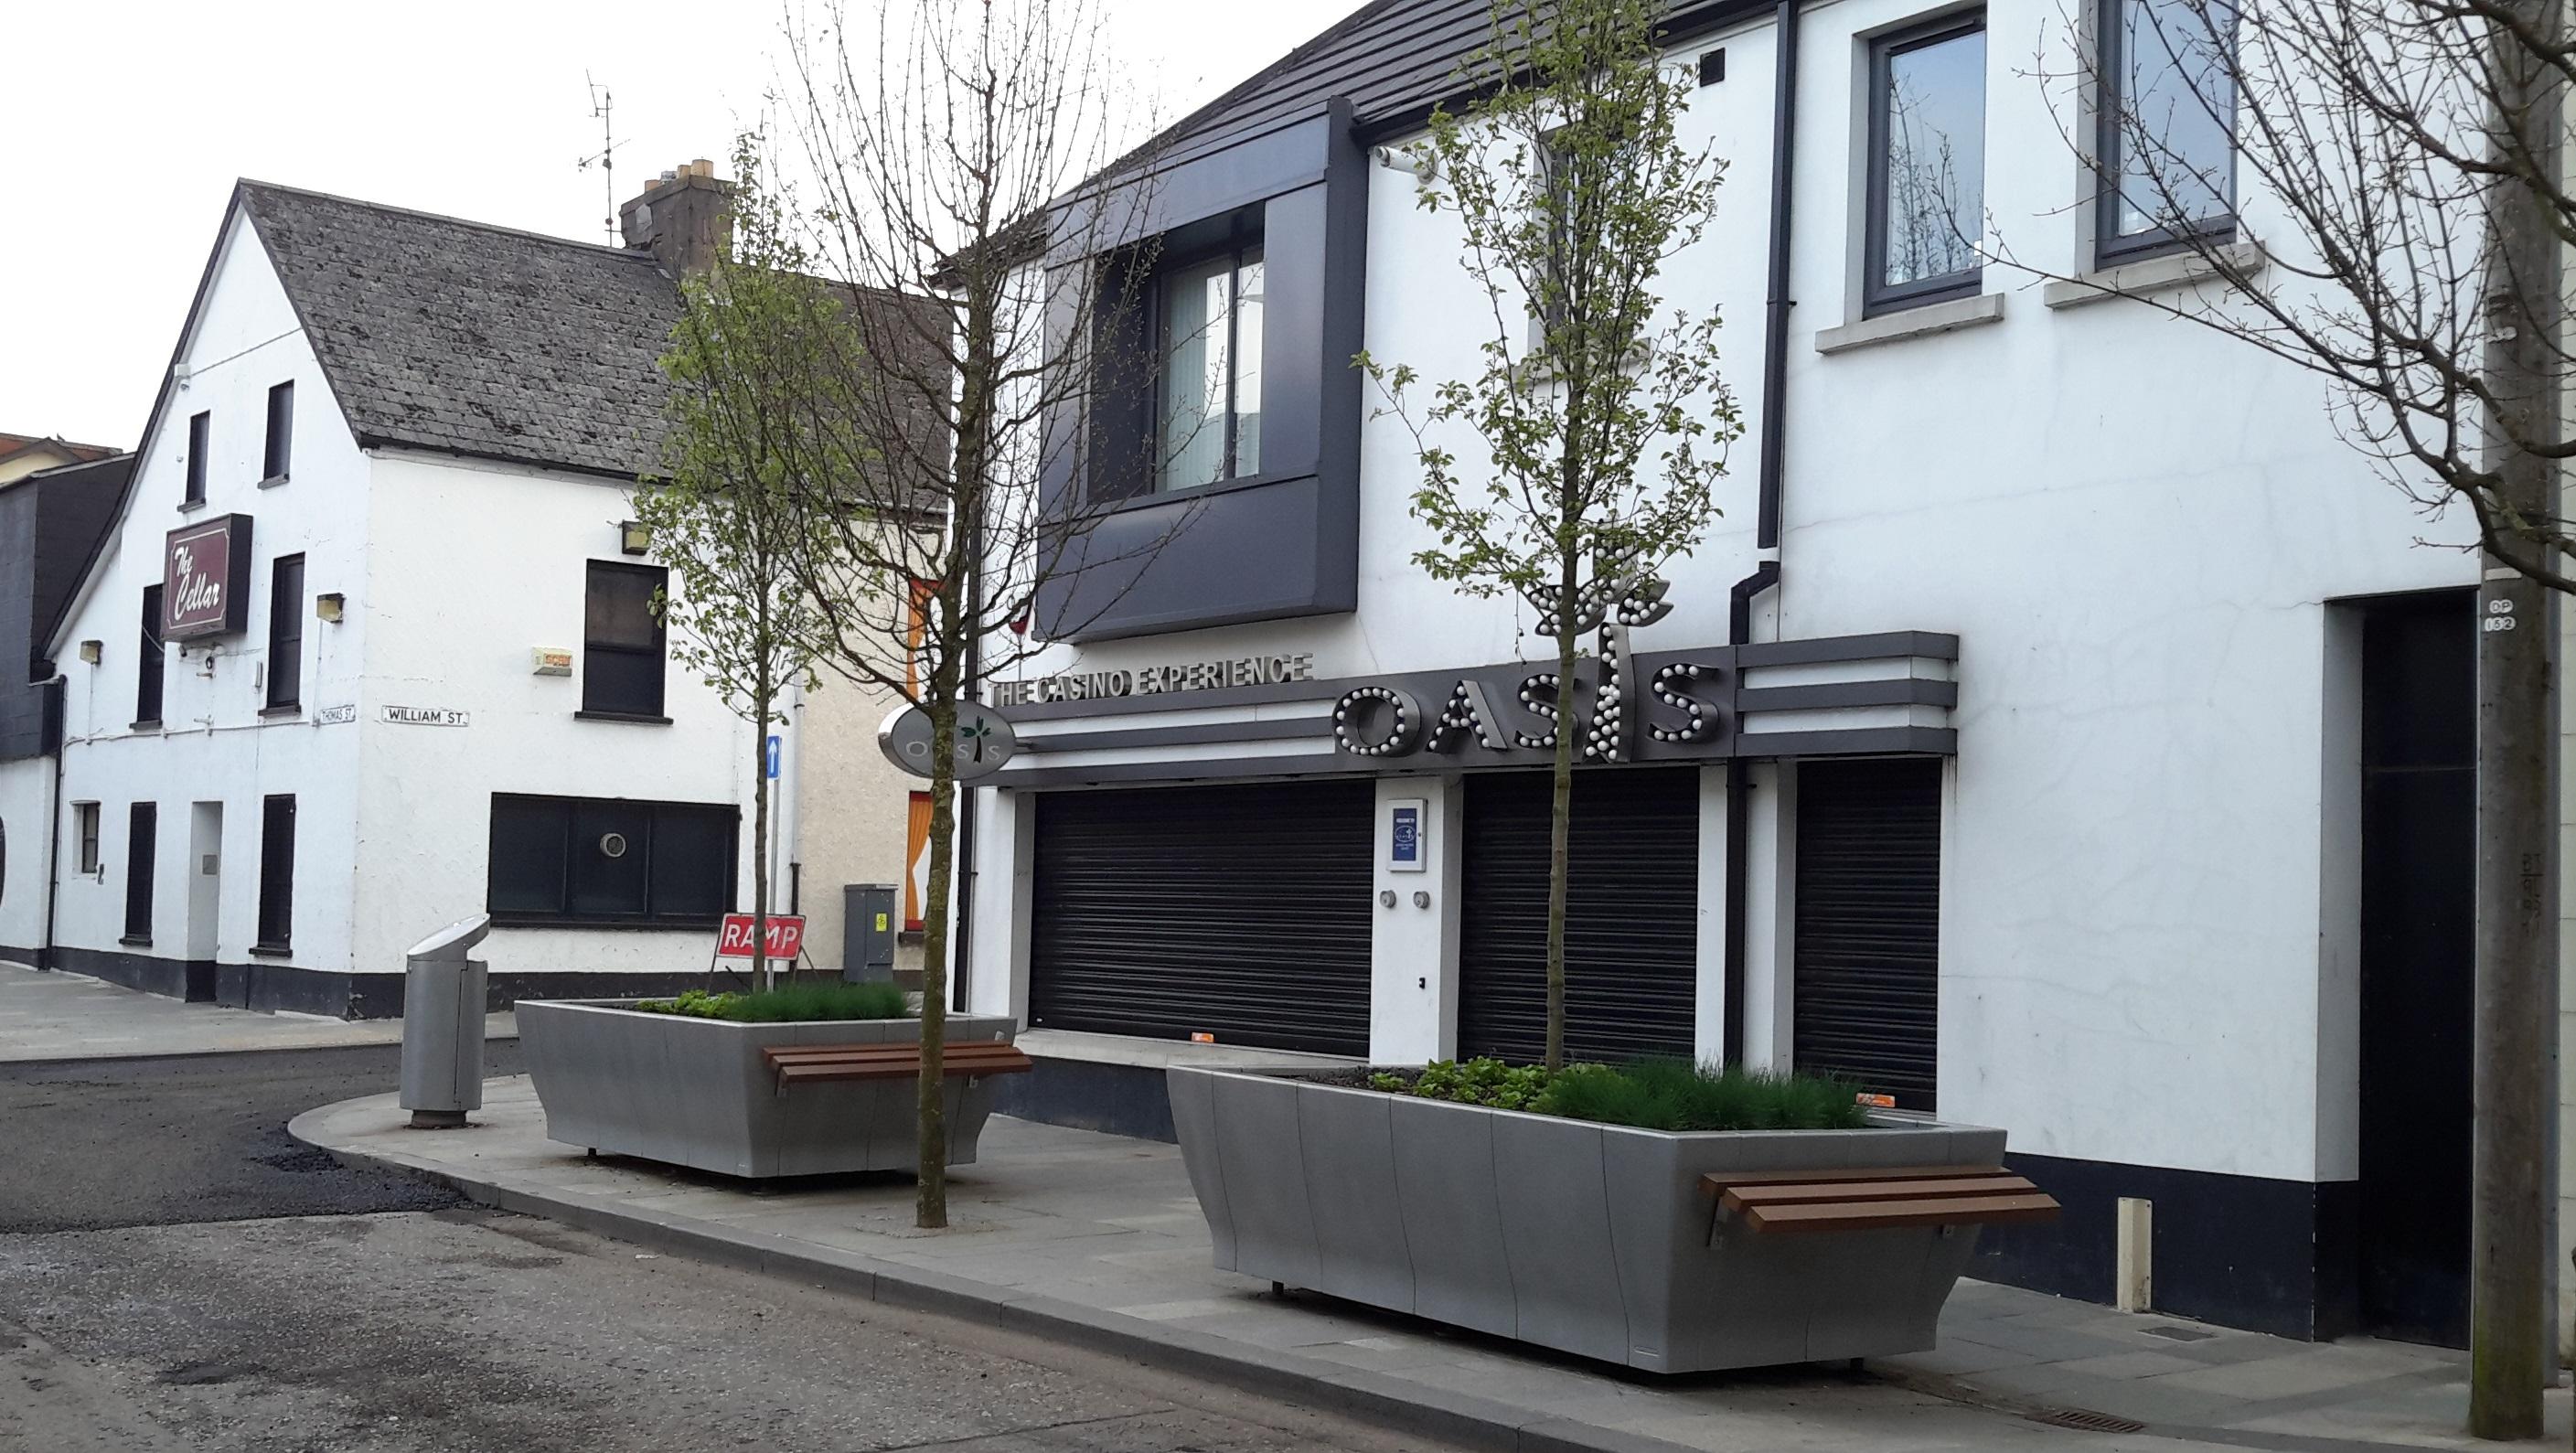 Ballymena Core Streets Public Realm